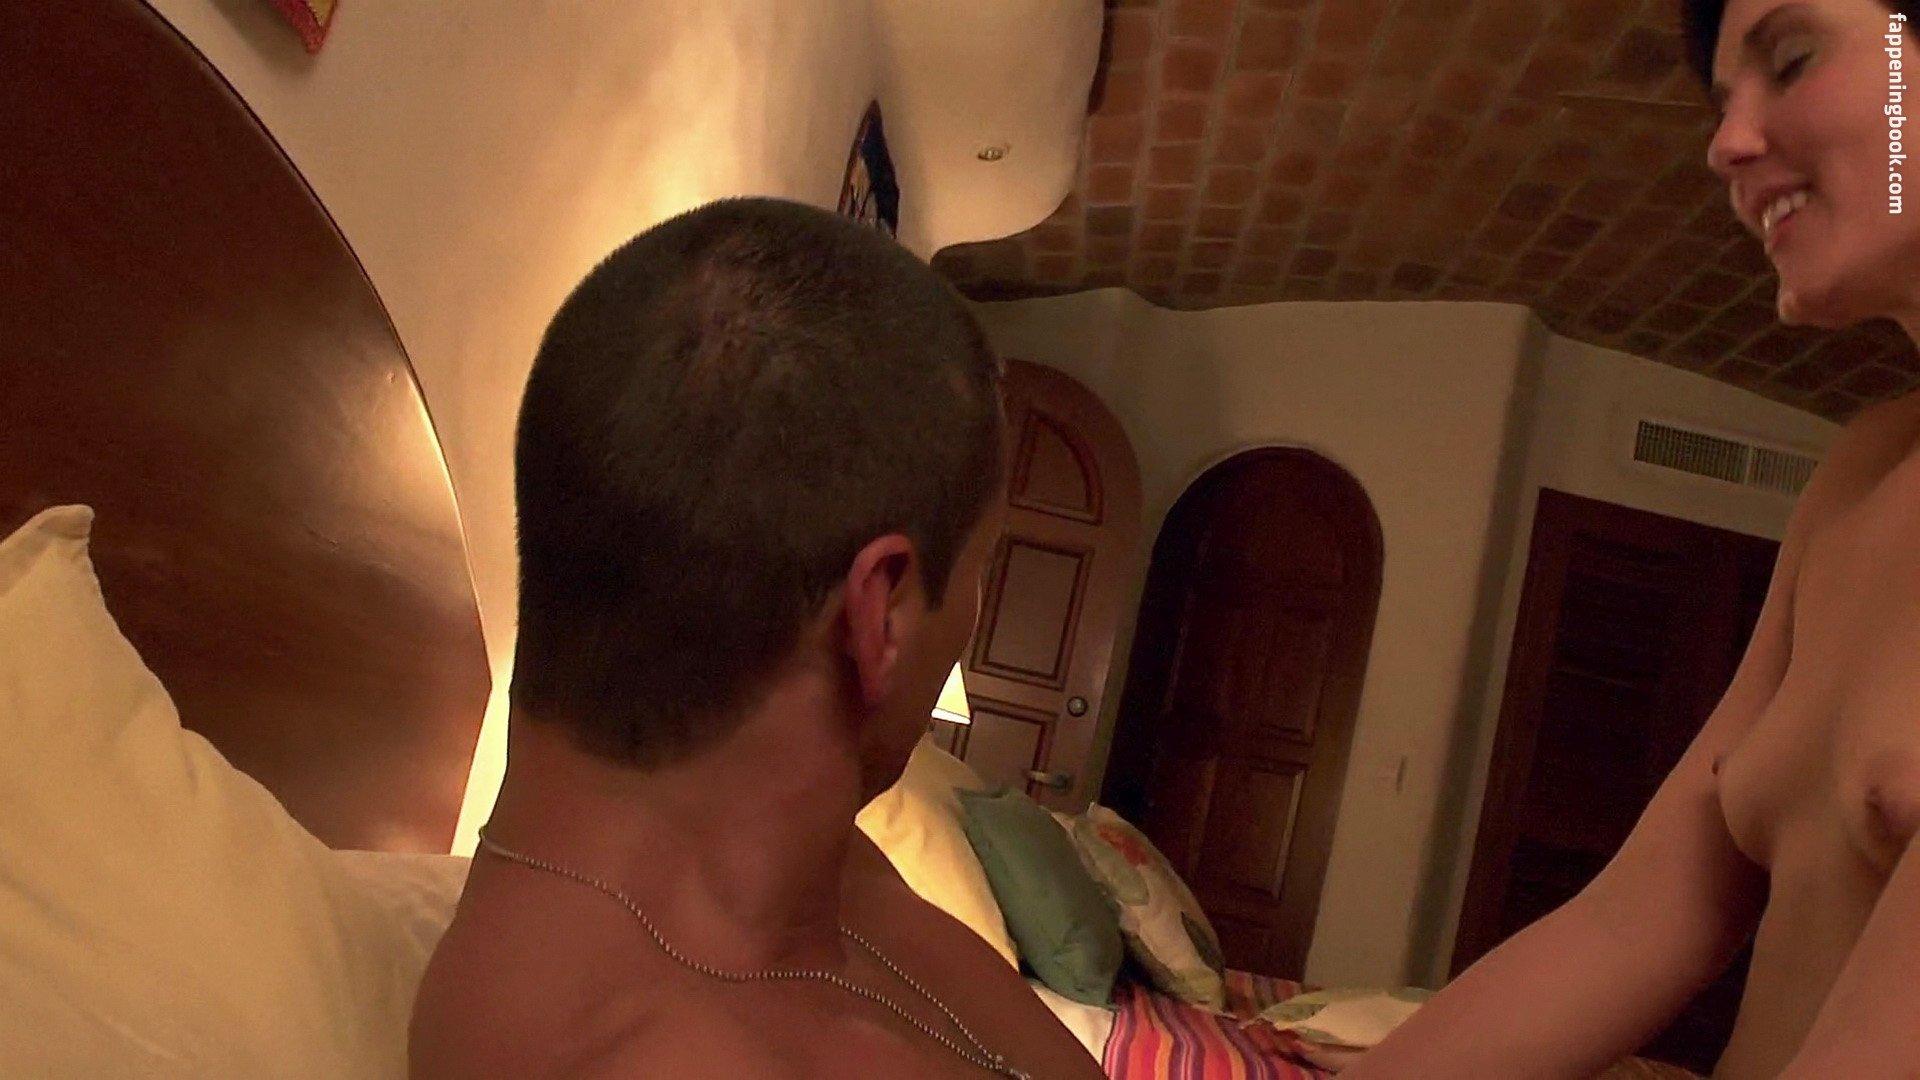 Marina weisband nude